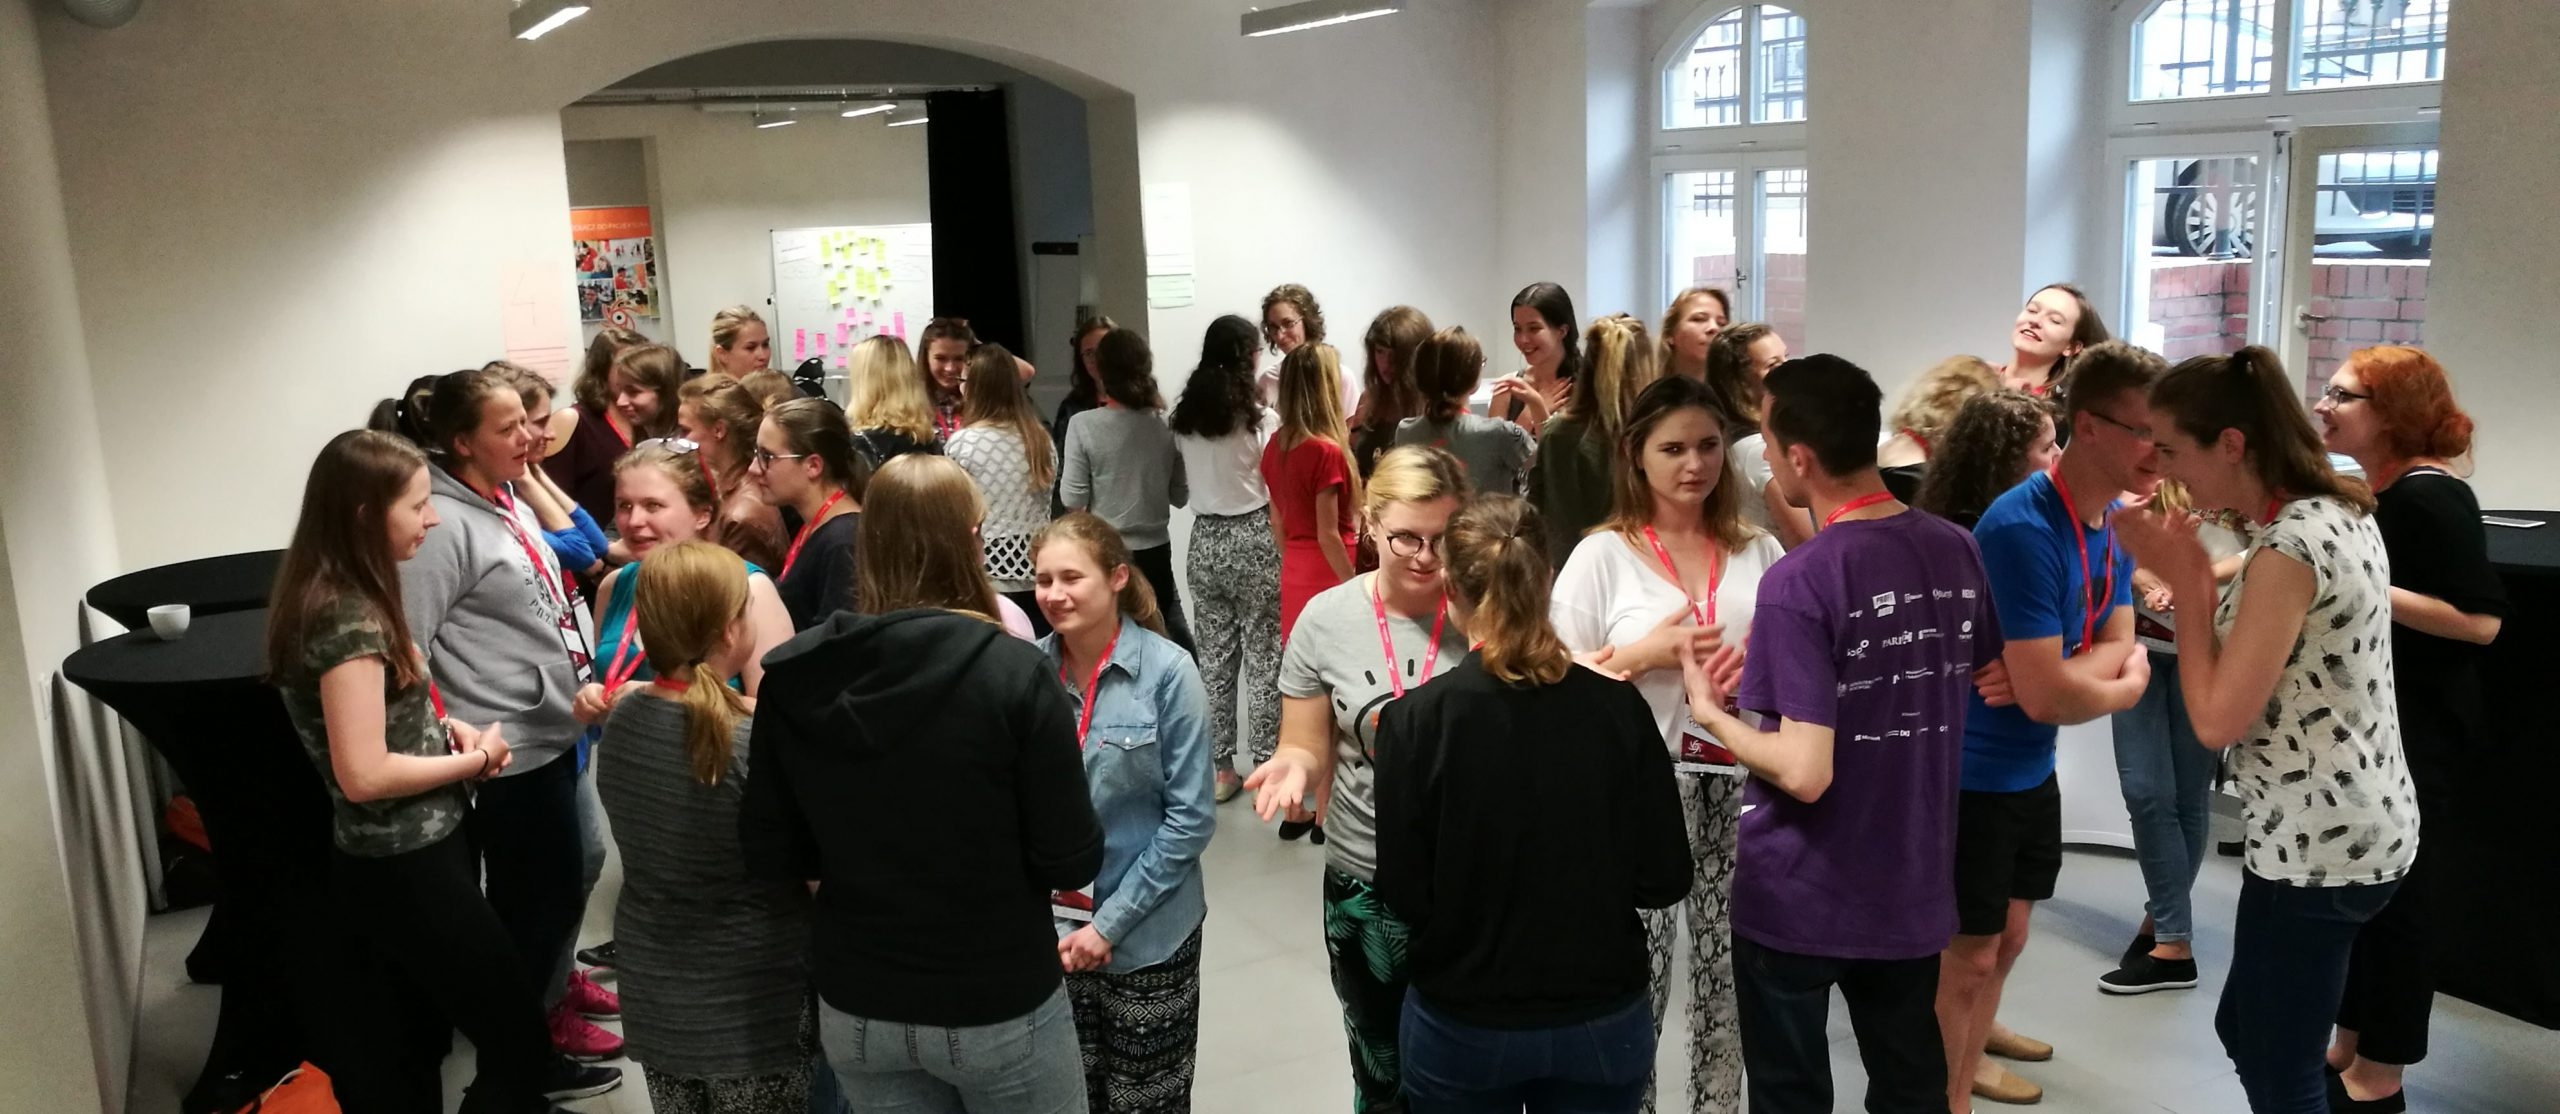 grupa kilkunastu młodych osób, które stoją w przestronnym pomieszczeniu i rozmawiają ze sobą